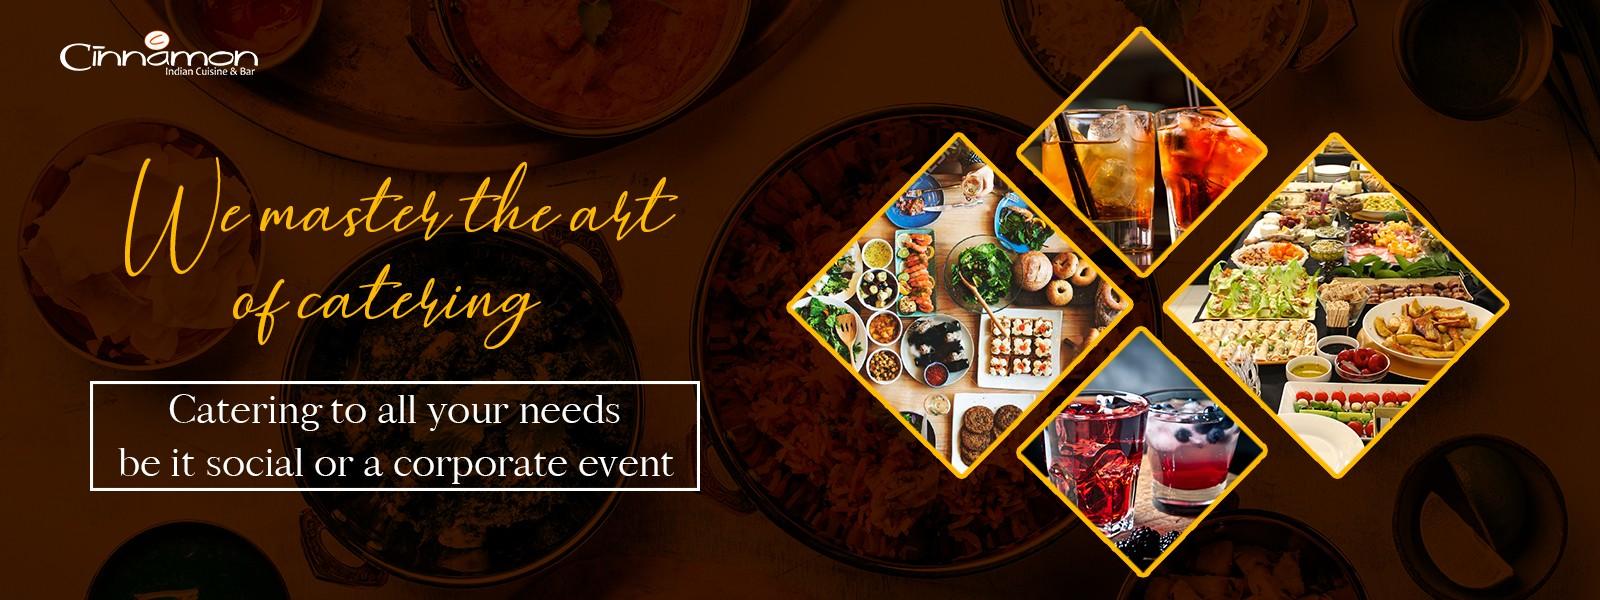 Catering Website Banner 5 En